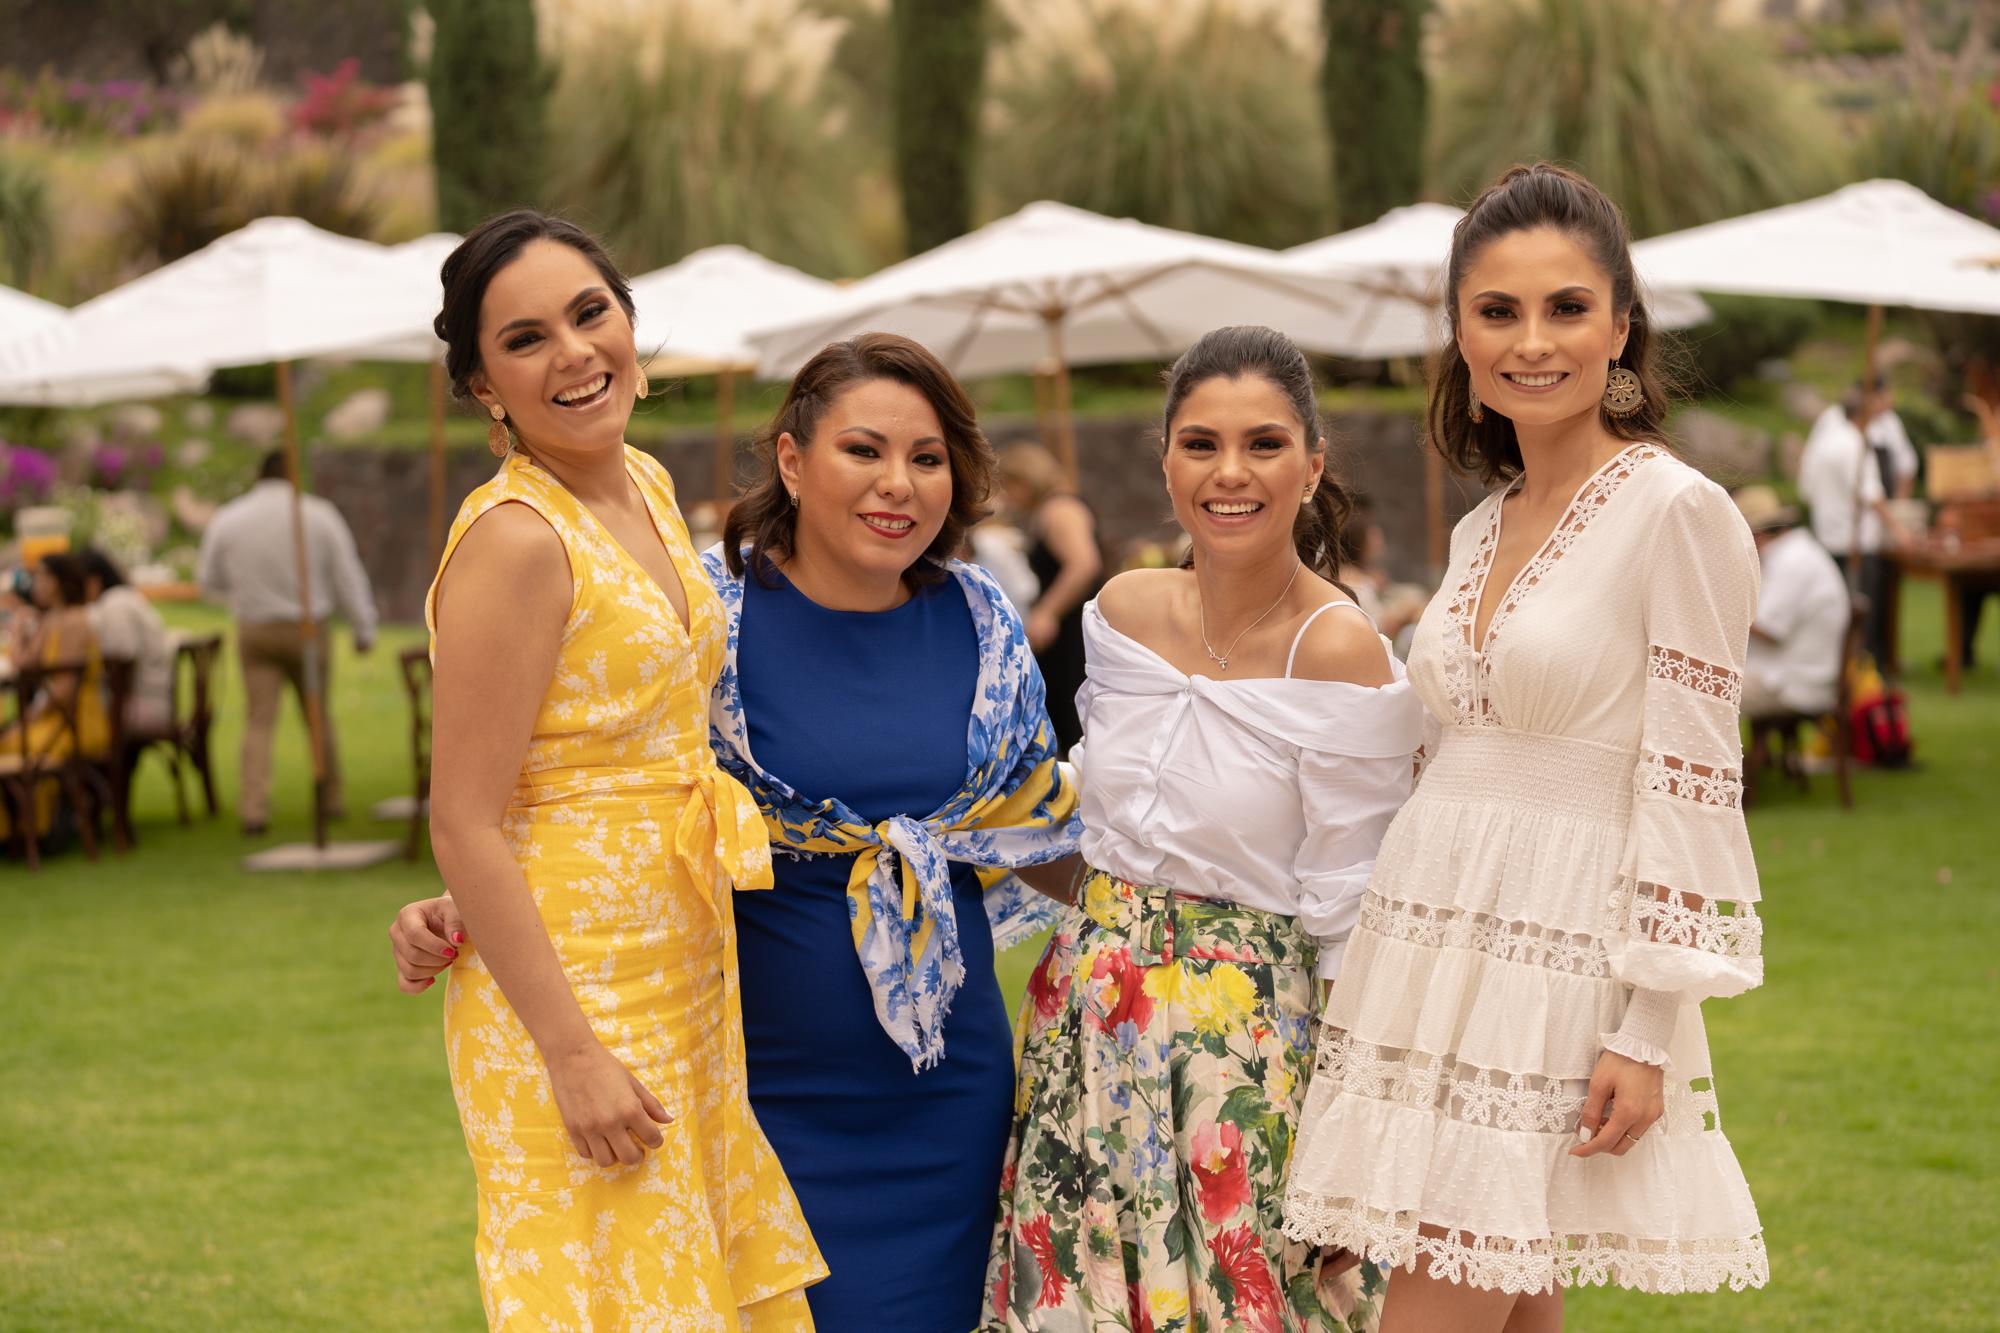 Sesion de Fotos en Rosewood San Migue de Allende del Bautizo de Alfonso-118.jpg